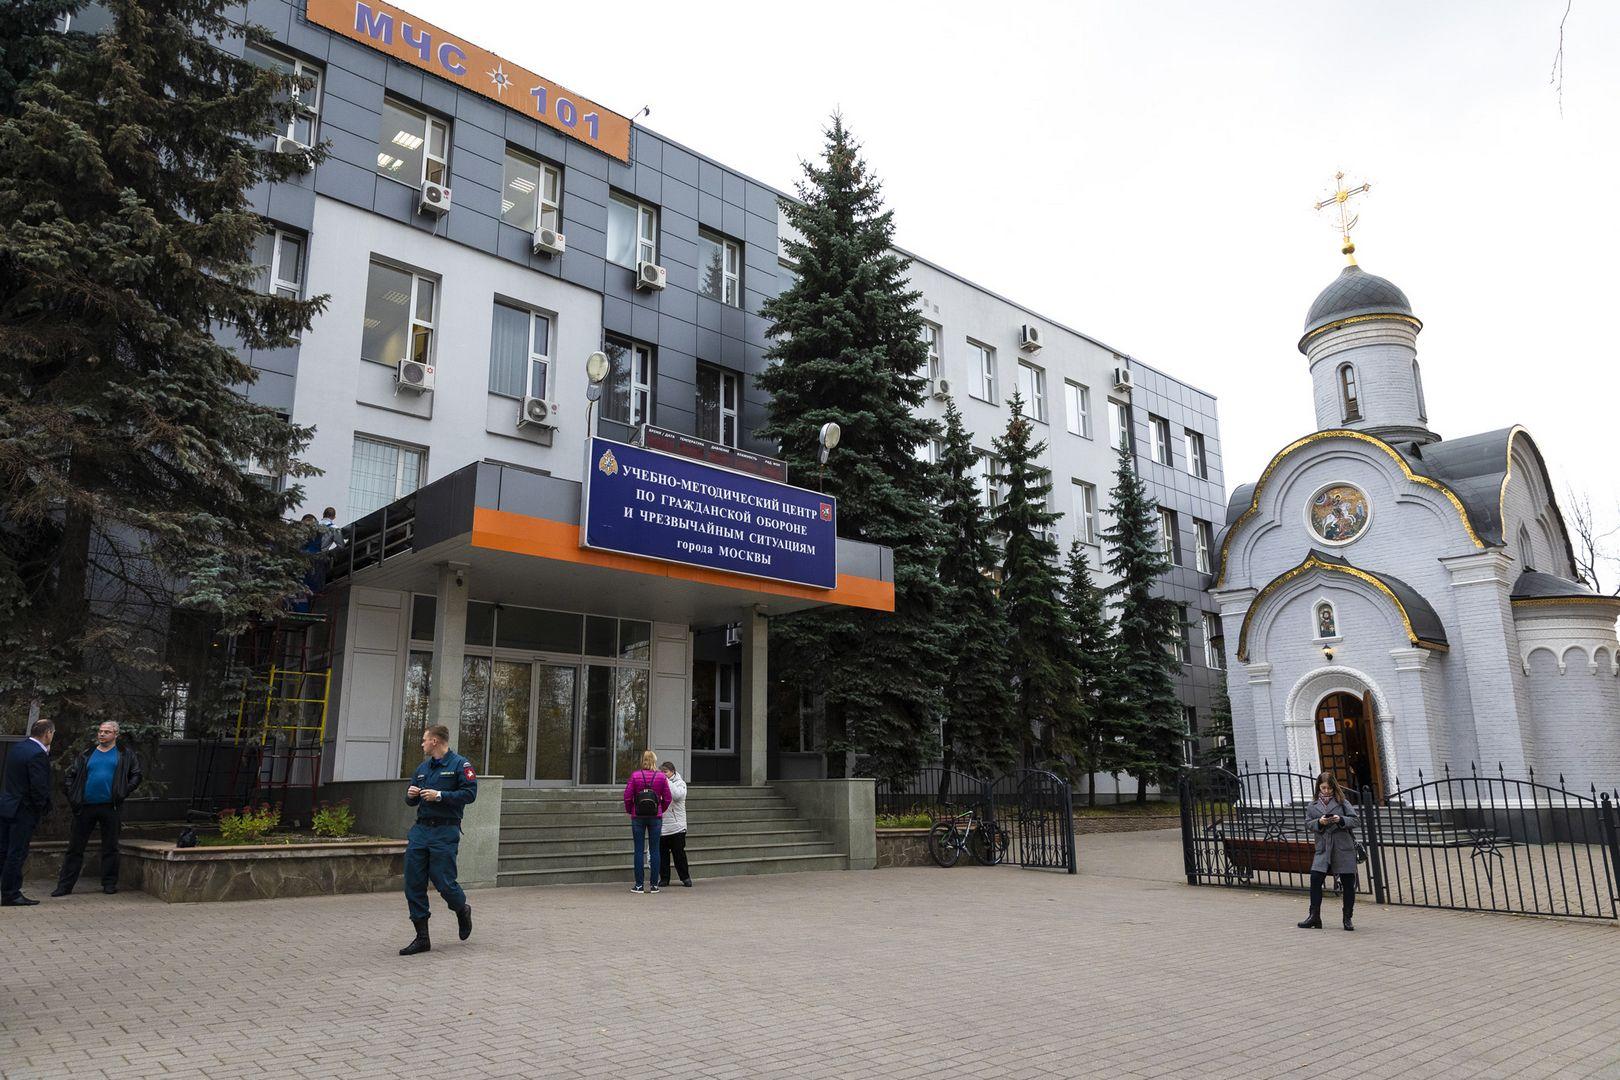 Учебно-методический центр по гражданской обороне и чрезвычайным ситуациям города Москвы